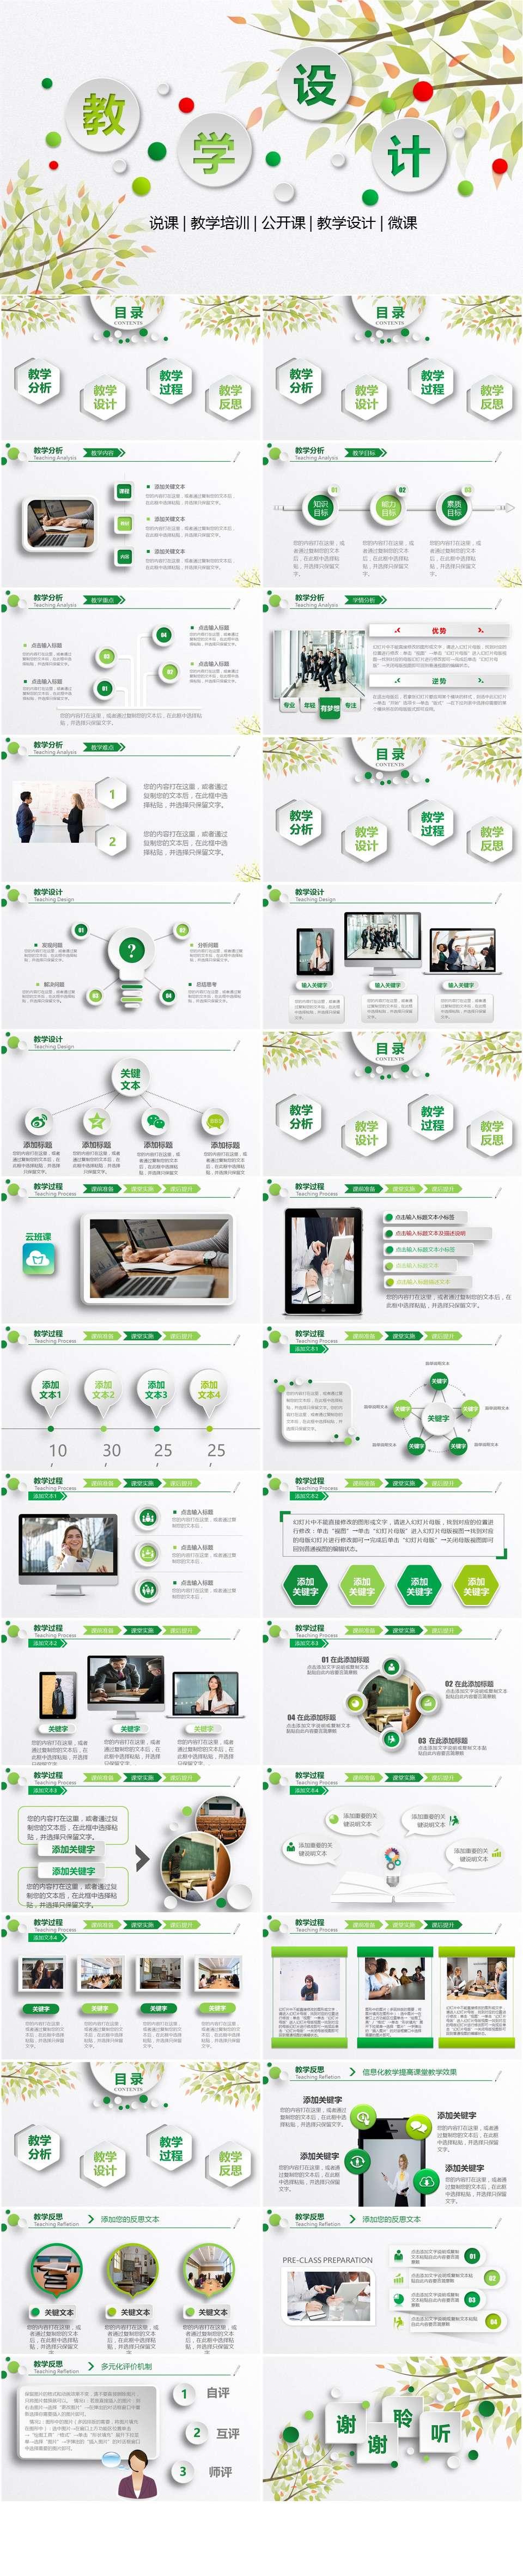 教学设计PPT模板插图1